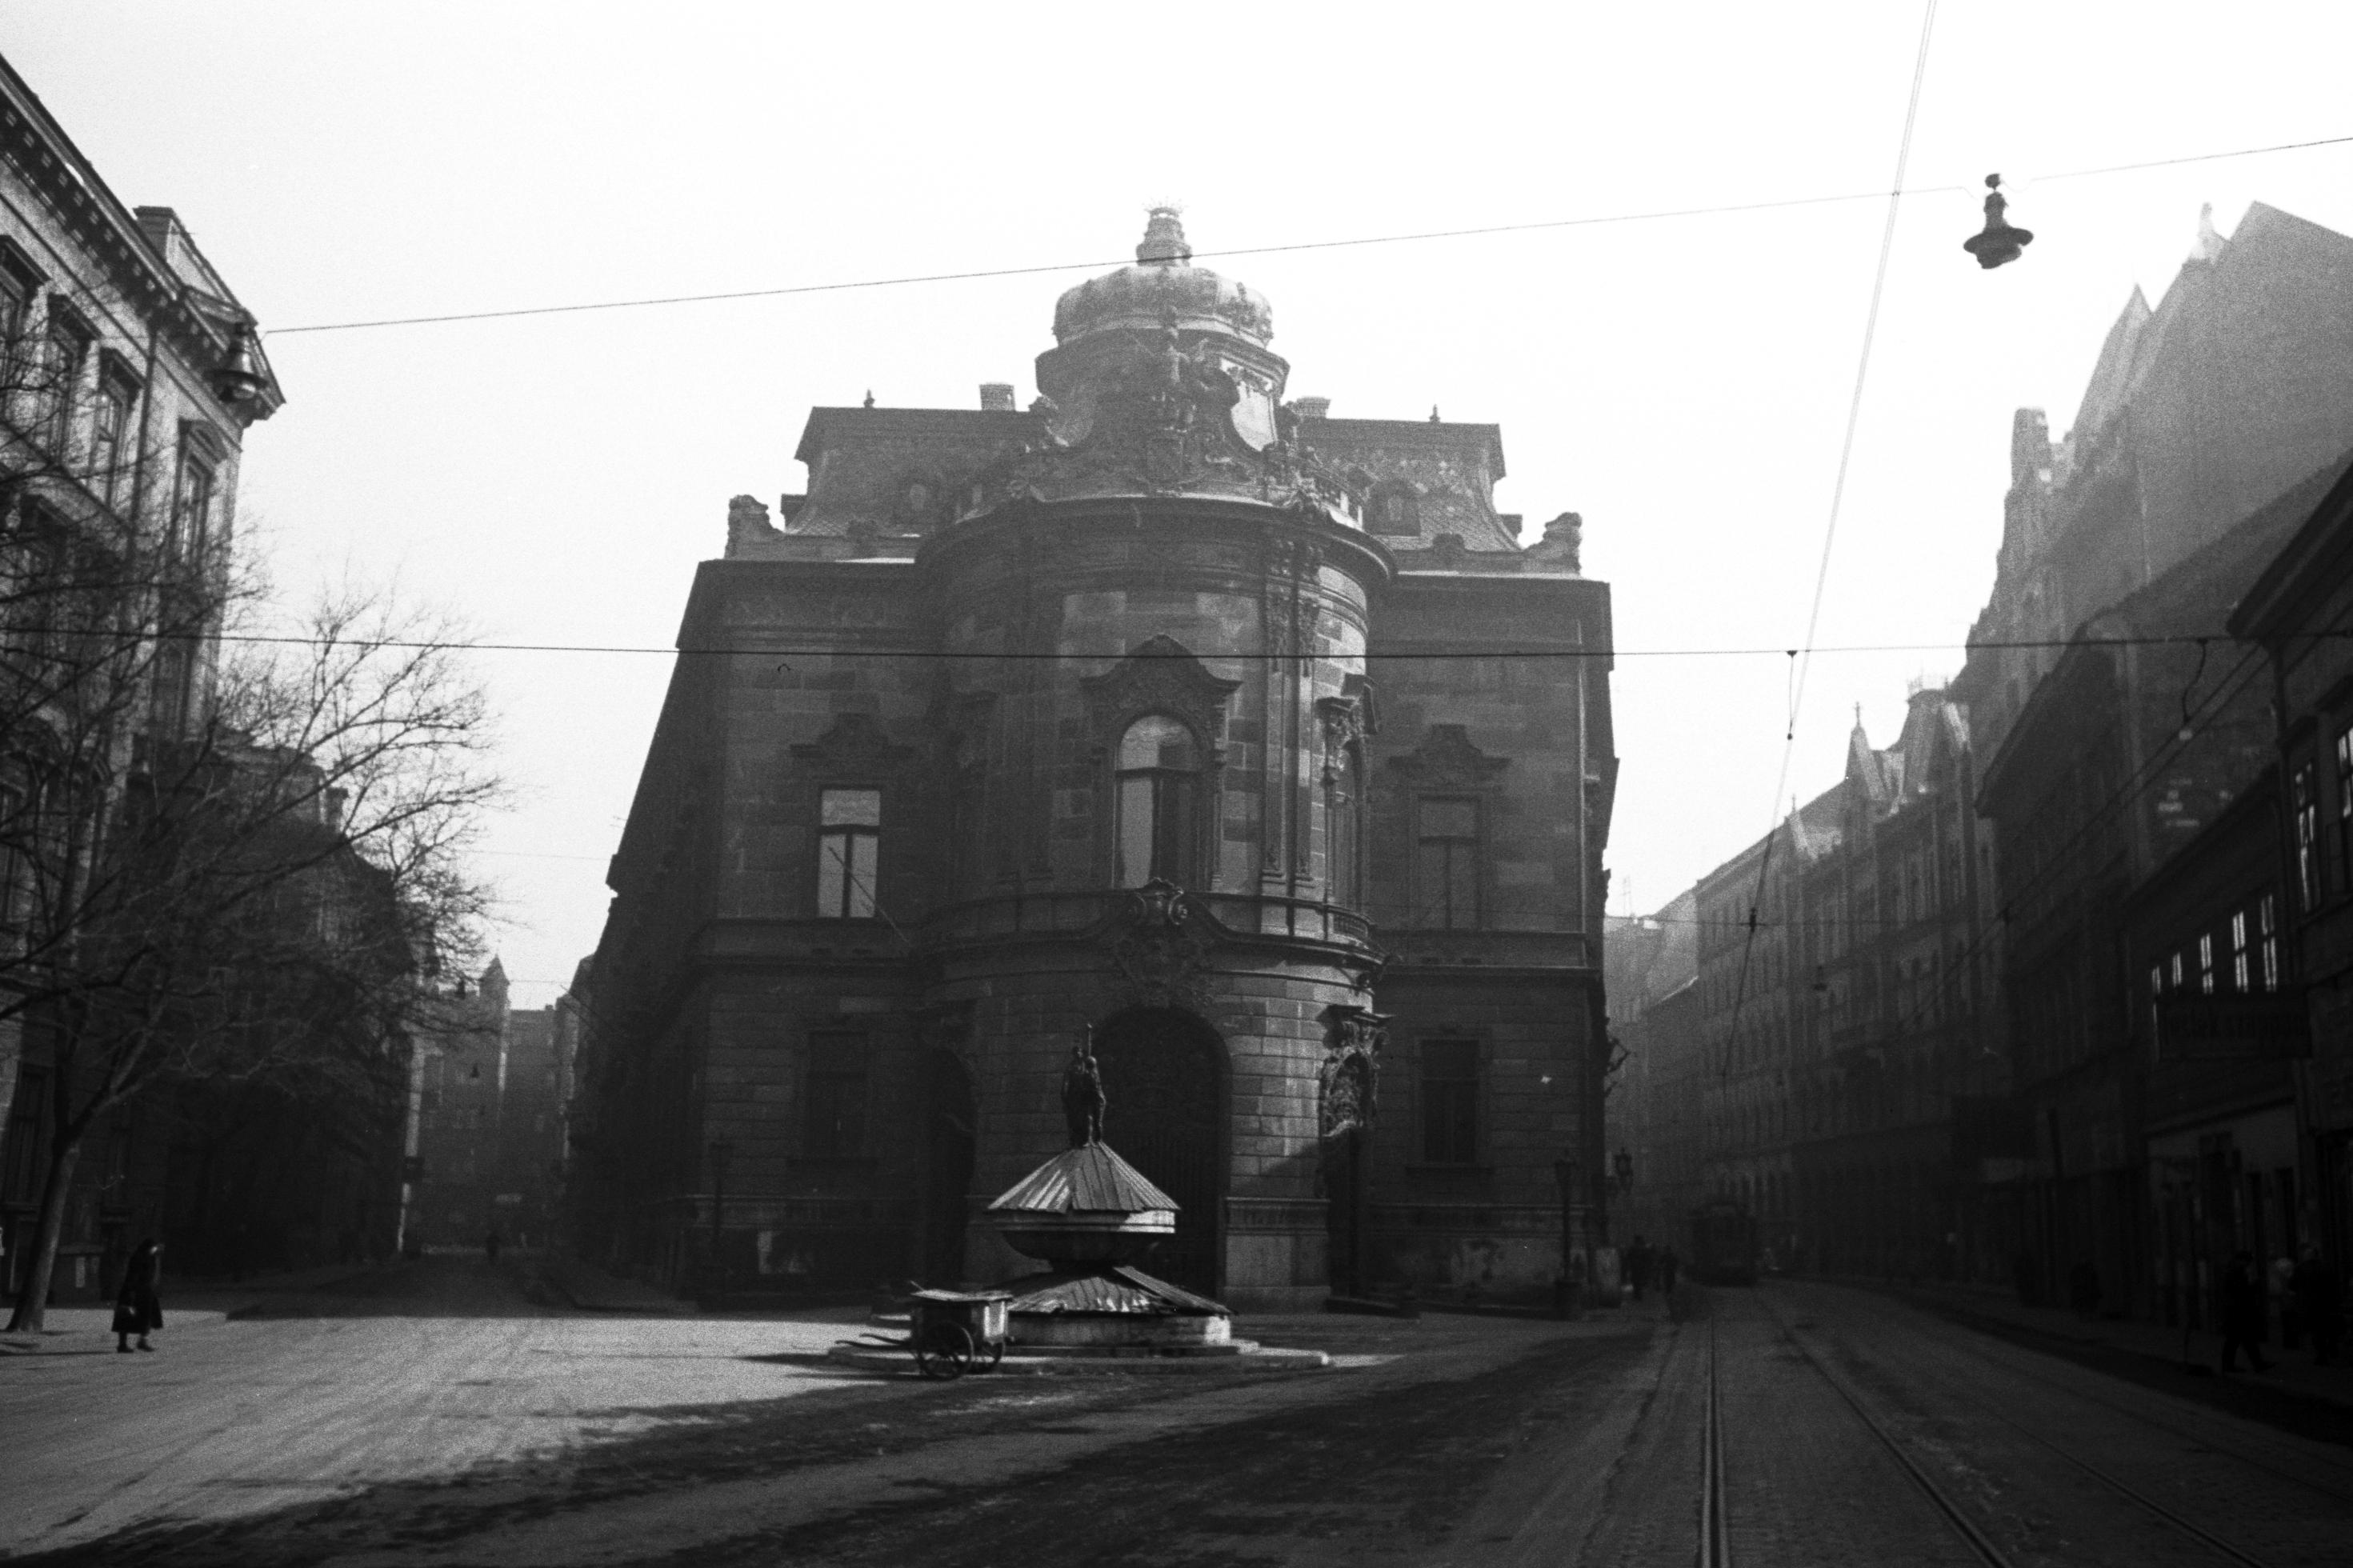 Ma is hasonló látvánnyal fogad a Wenckheim-palota Budapesten. Mi működik benne?